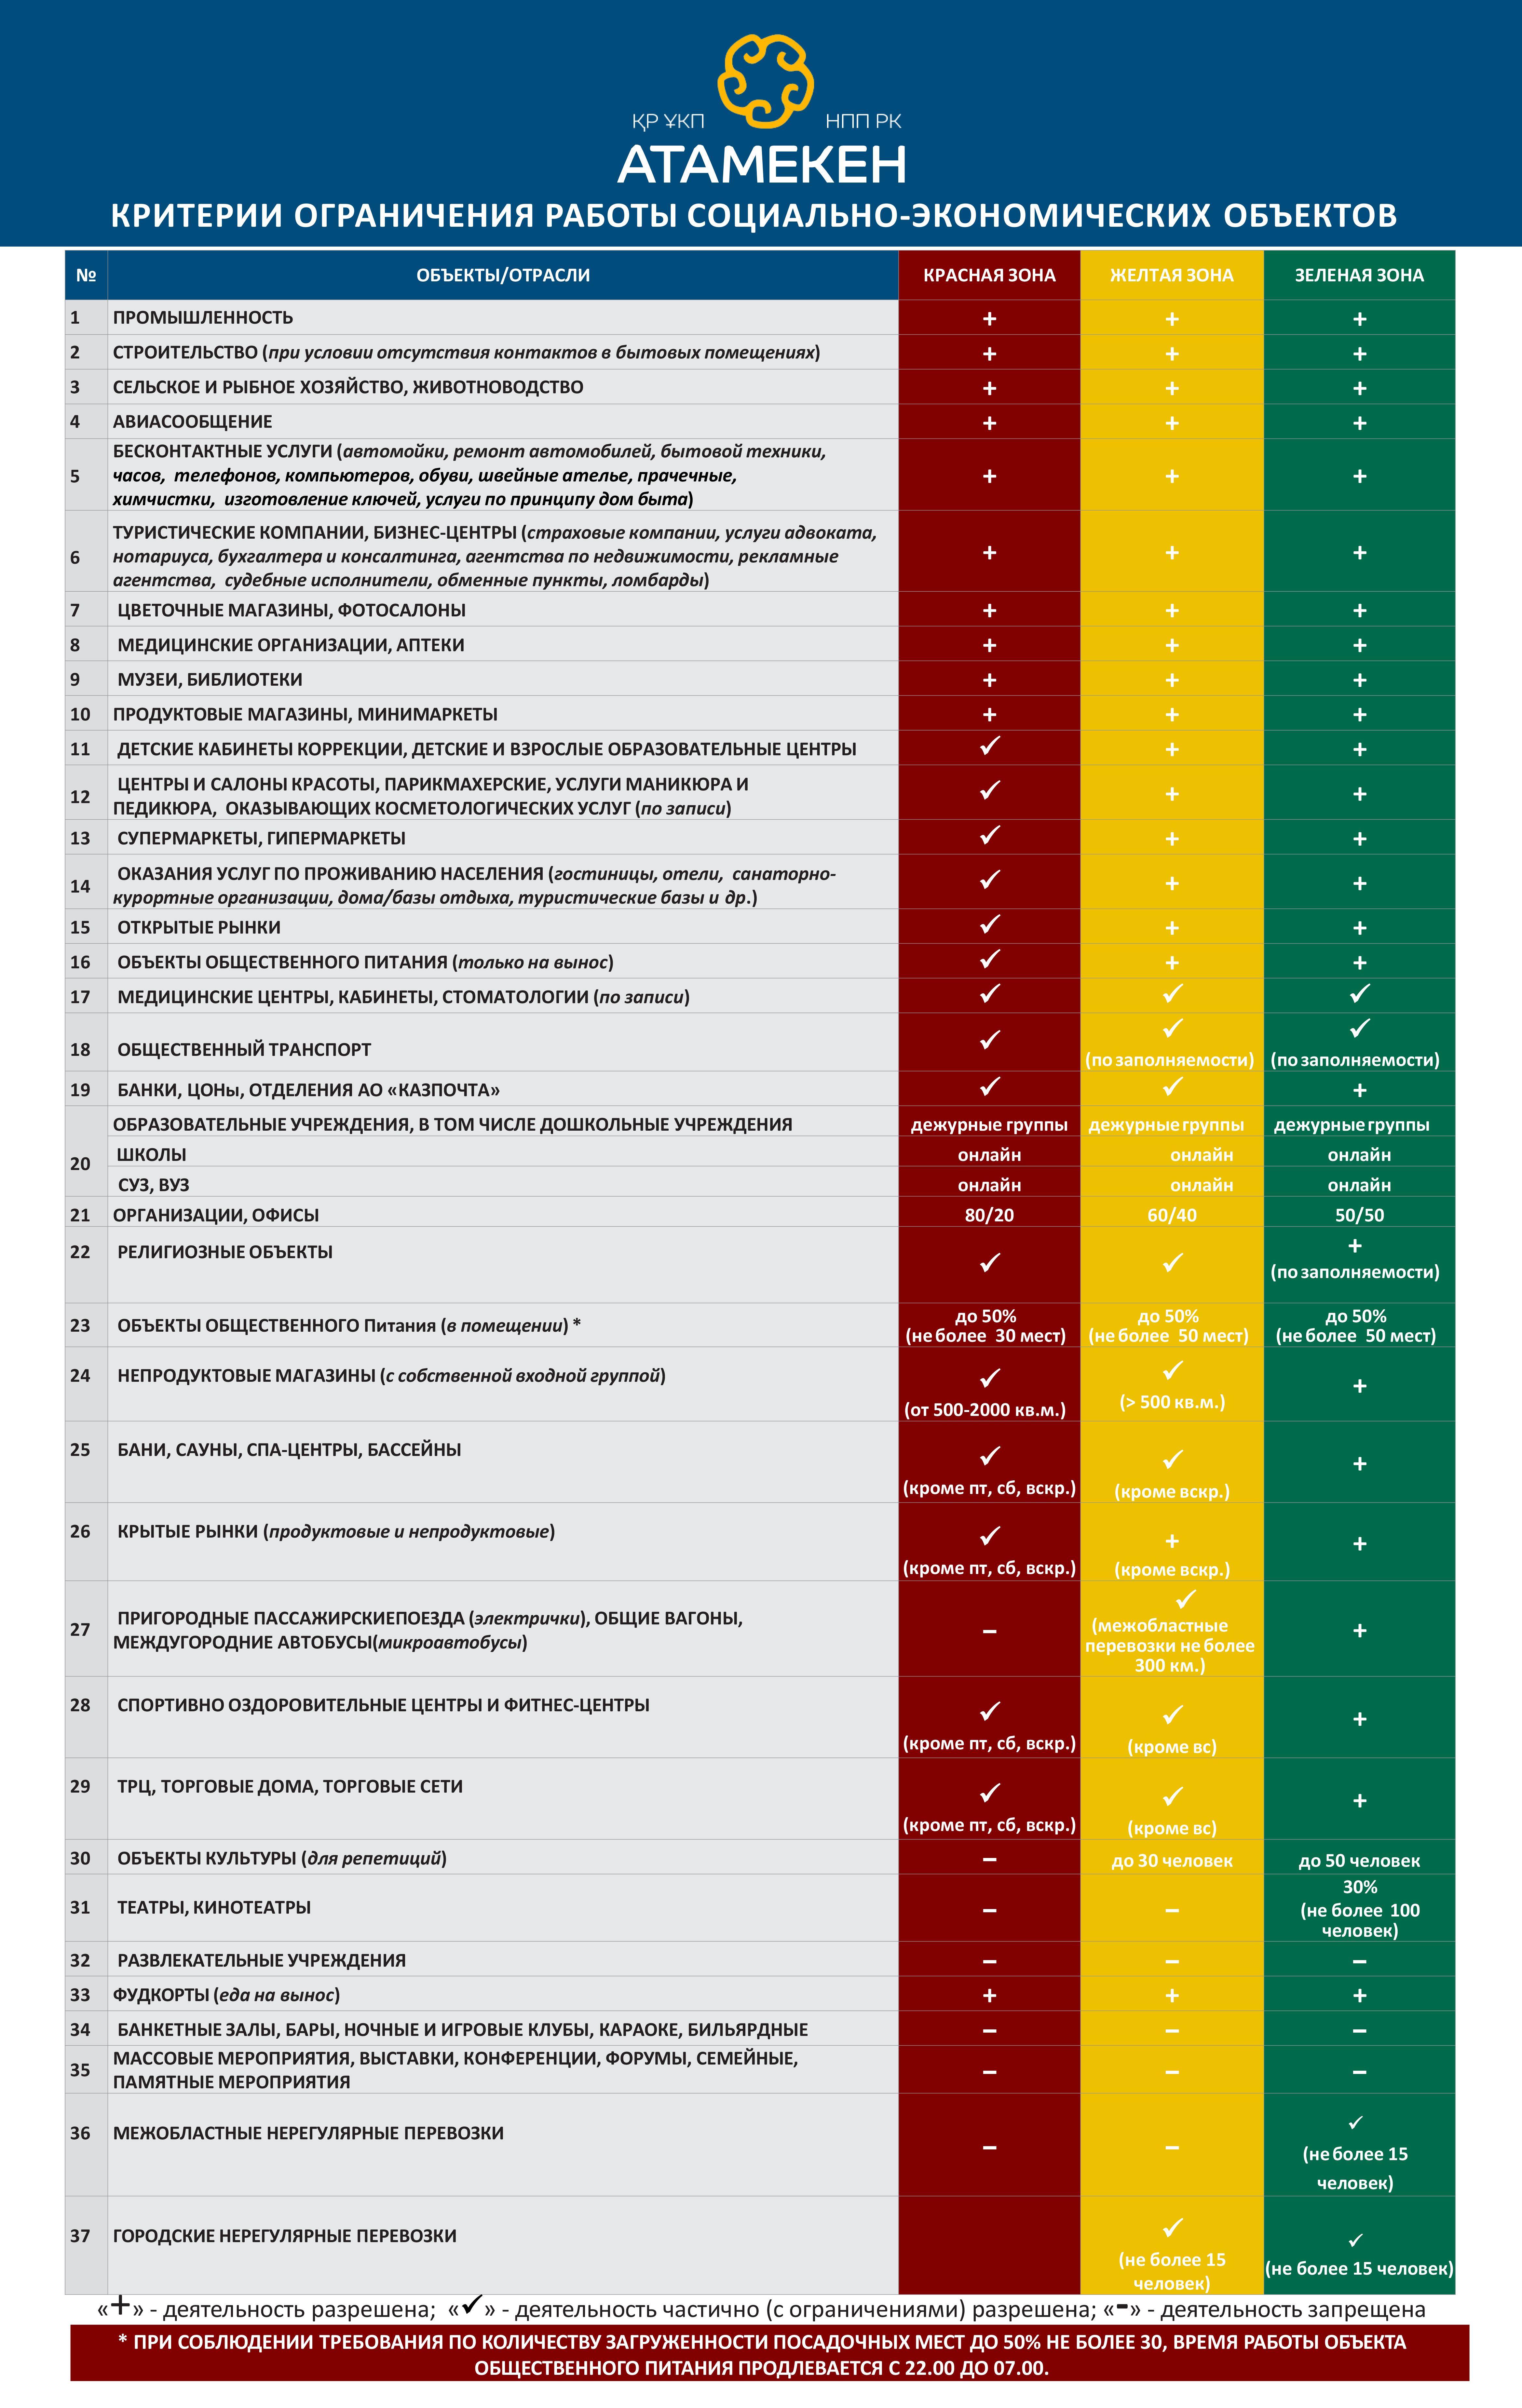 Зеленая, желтая и красная зоны: для бизнеса разработали критерии работы 523269 - Kapital.kz